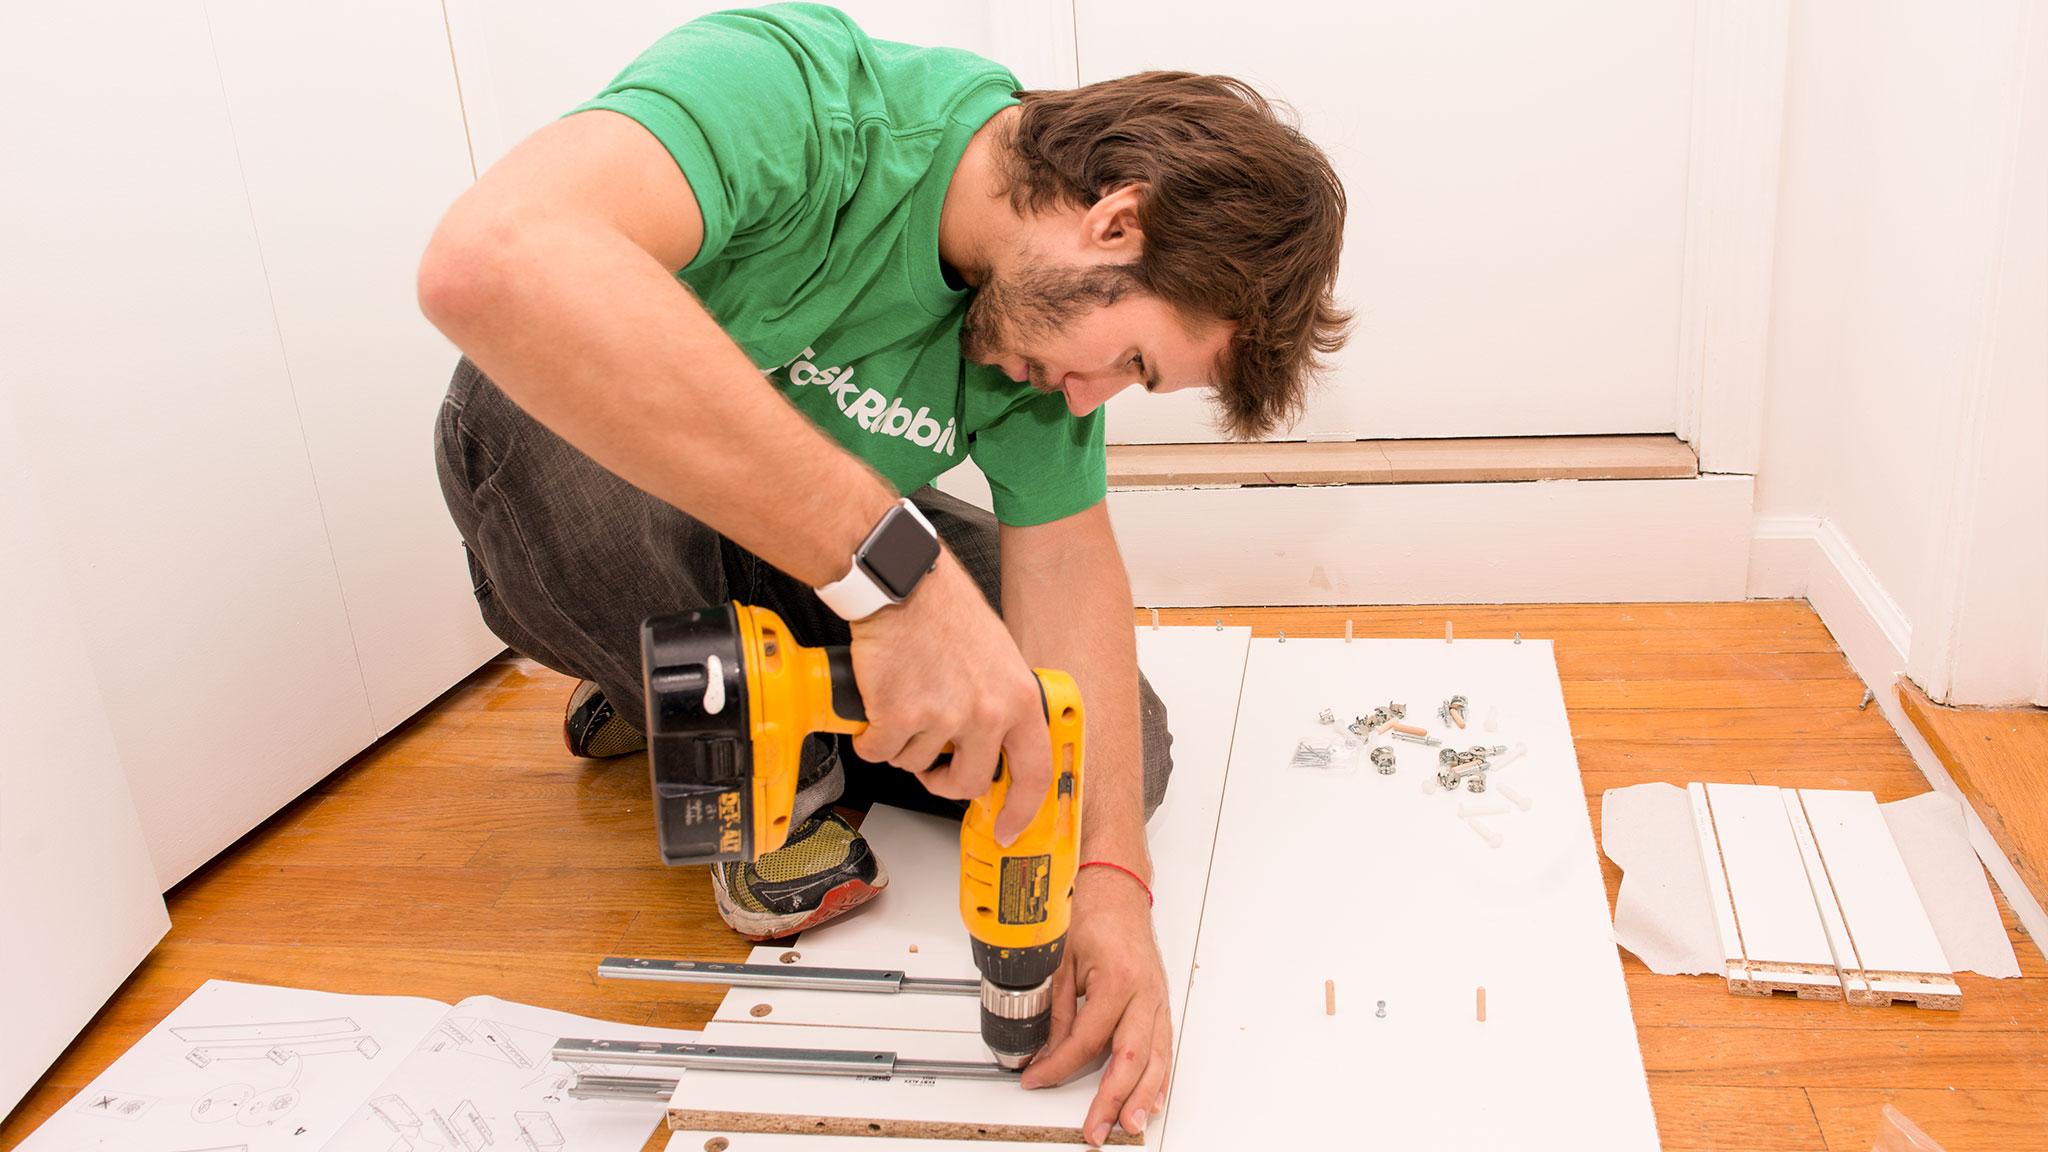 TaskRabbit | IKEA services - IKEA